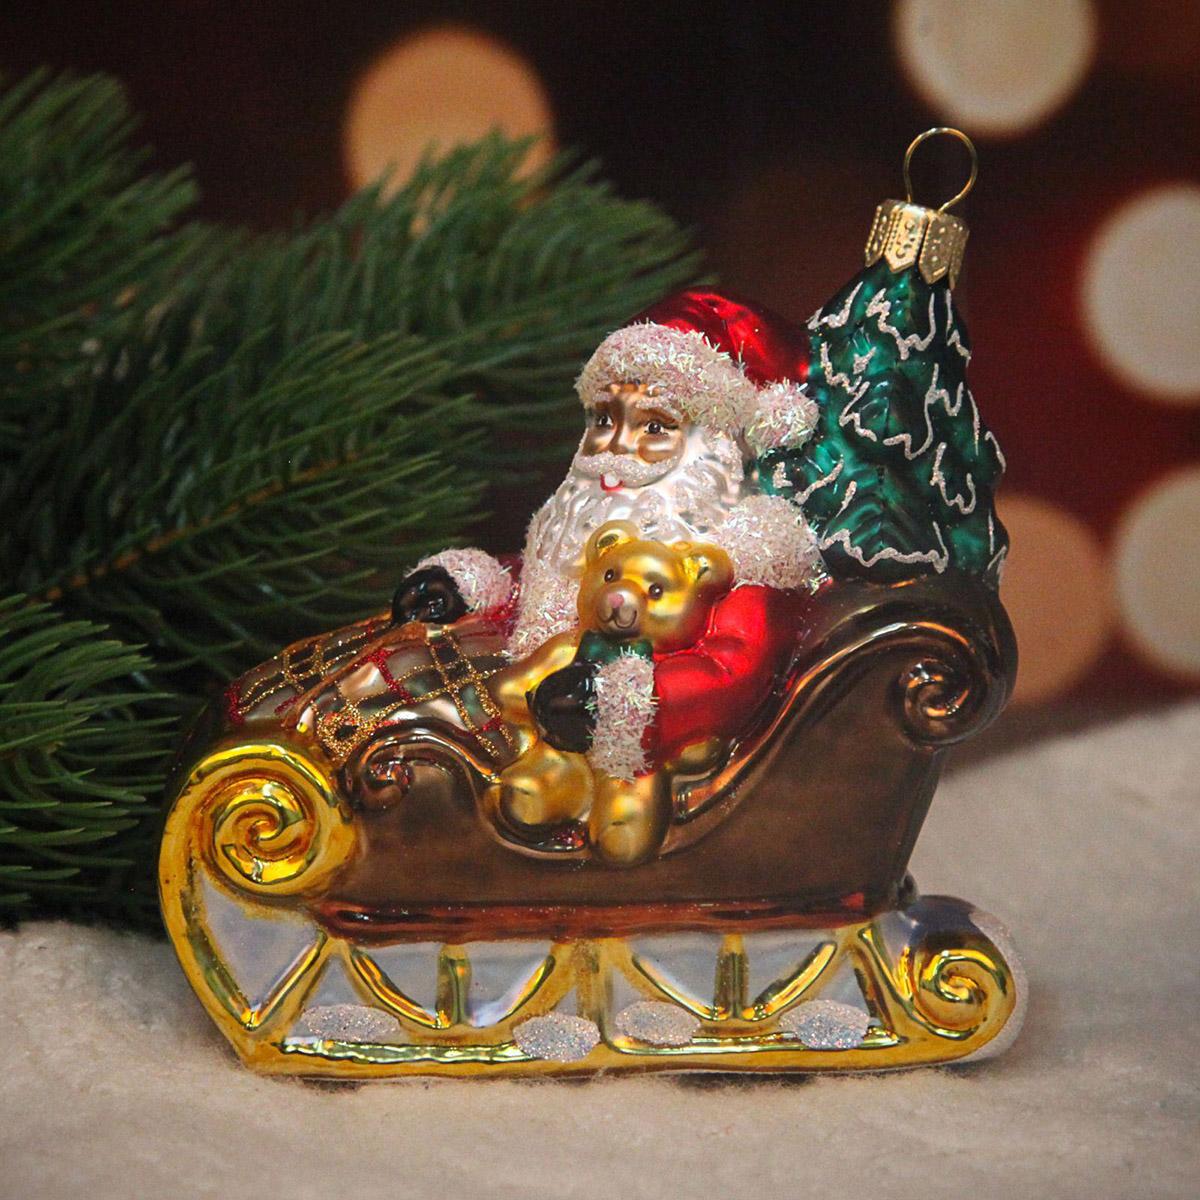 Новогоднее подвесное украшение Hanco Design Санта в санях, высота 10 см106412Новогоднее украшение Hanco Design отлично подойдет для декорации вашего дома и новогодней ели. Елочная игрушка - символ Нового года. Она несет в себе волшебство и красоту праздника. Такое украшение создаст в вашем доме атмосферу праздника, веселья и радости.